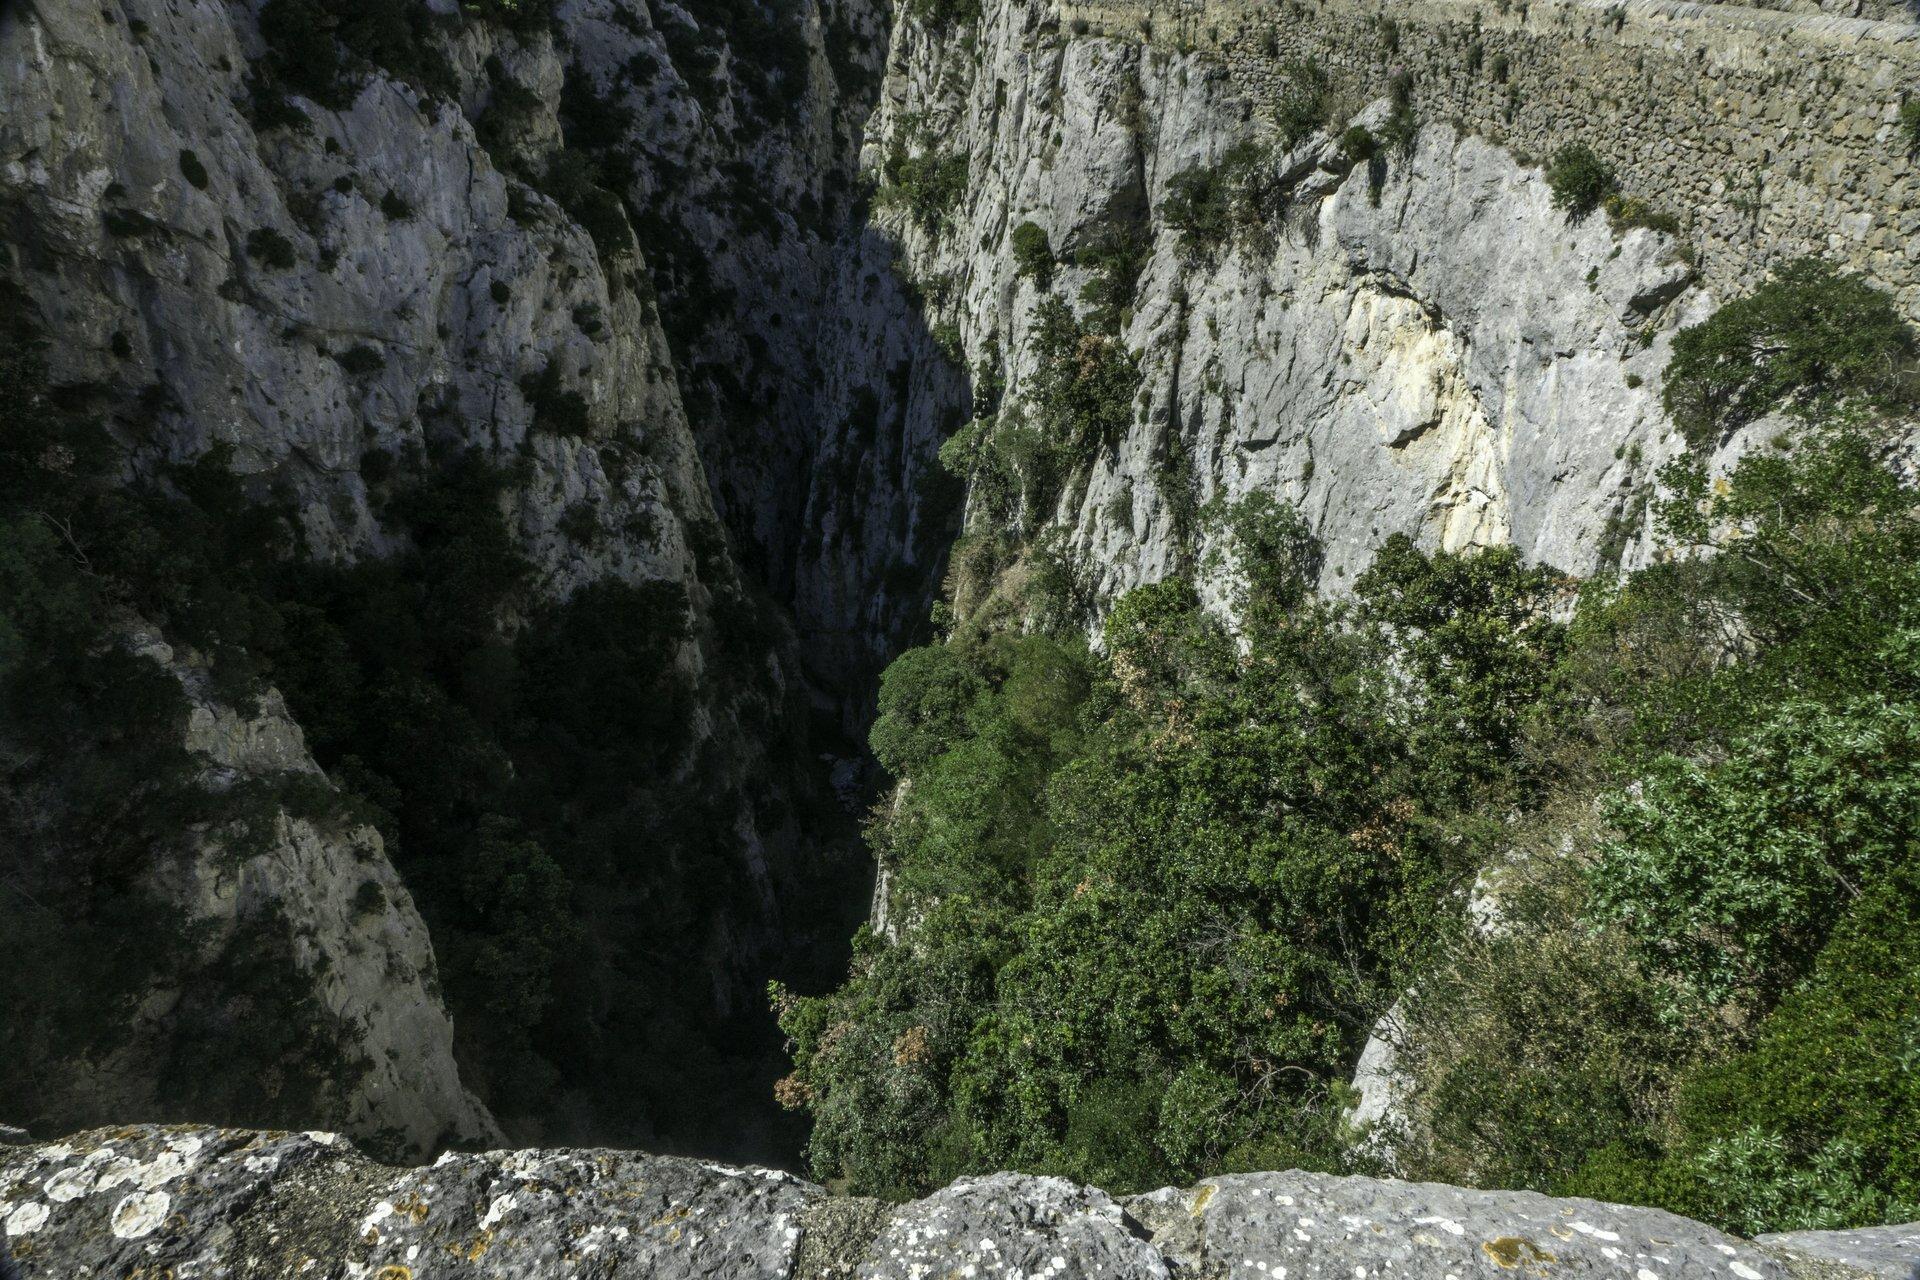 Gorges de Galamus mit Blick auf den Agly